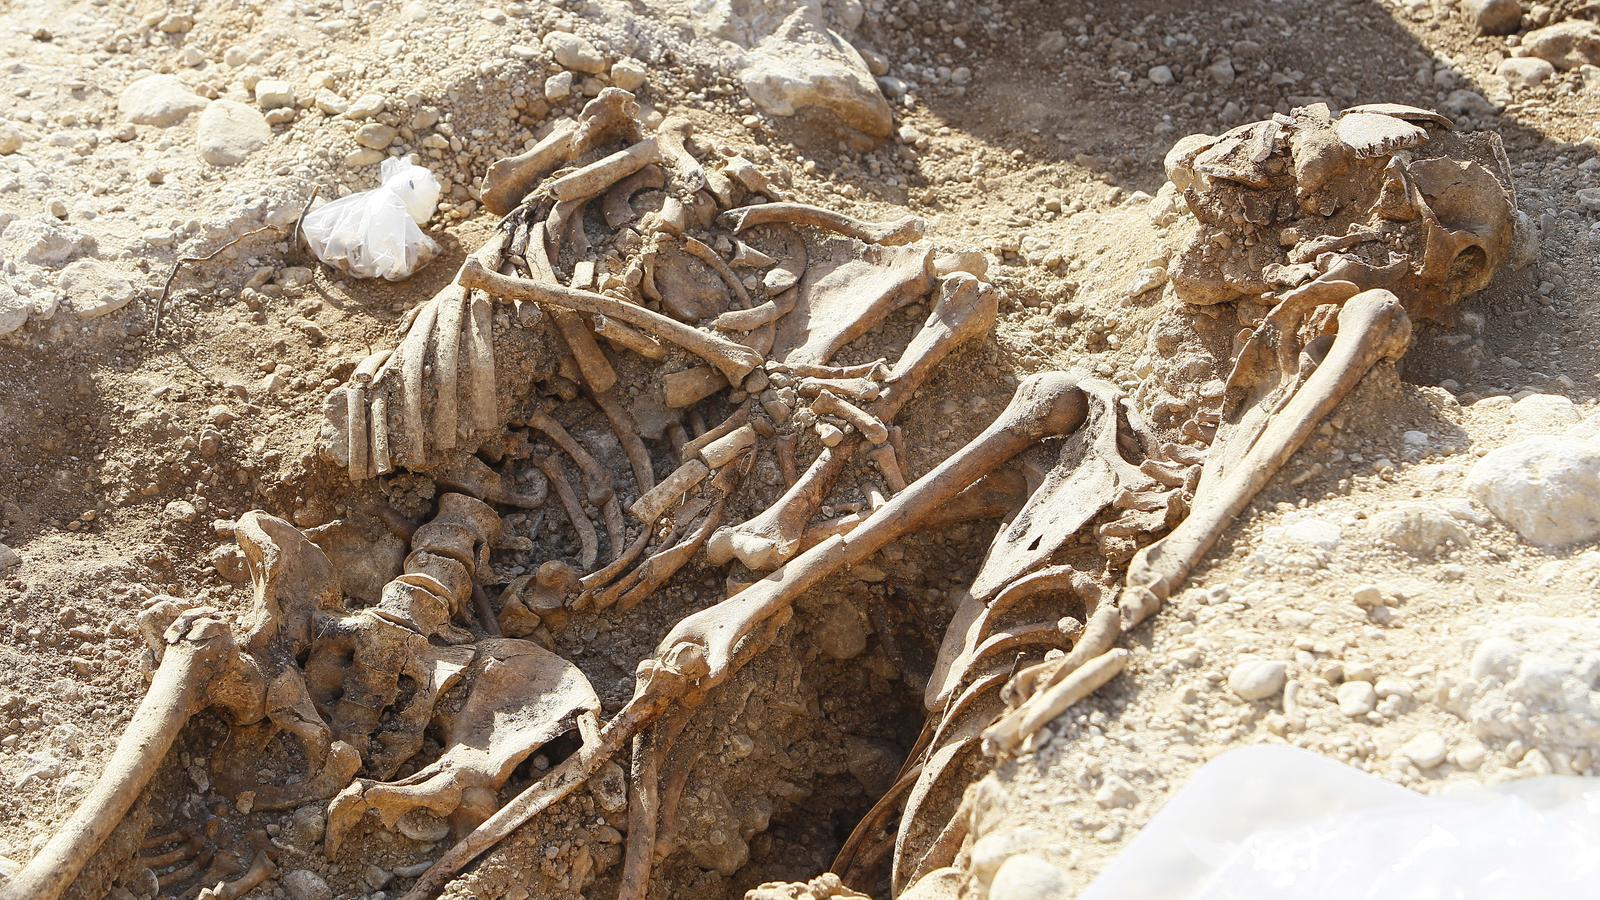 ELs arqueòlegs esperaven trobar restes entre dilluns i aquest dimarts.